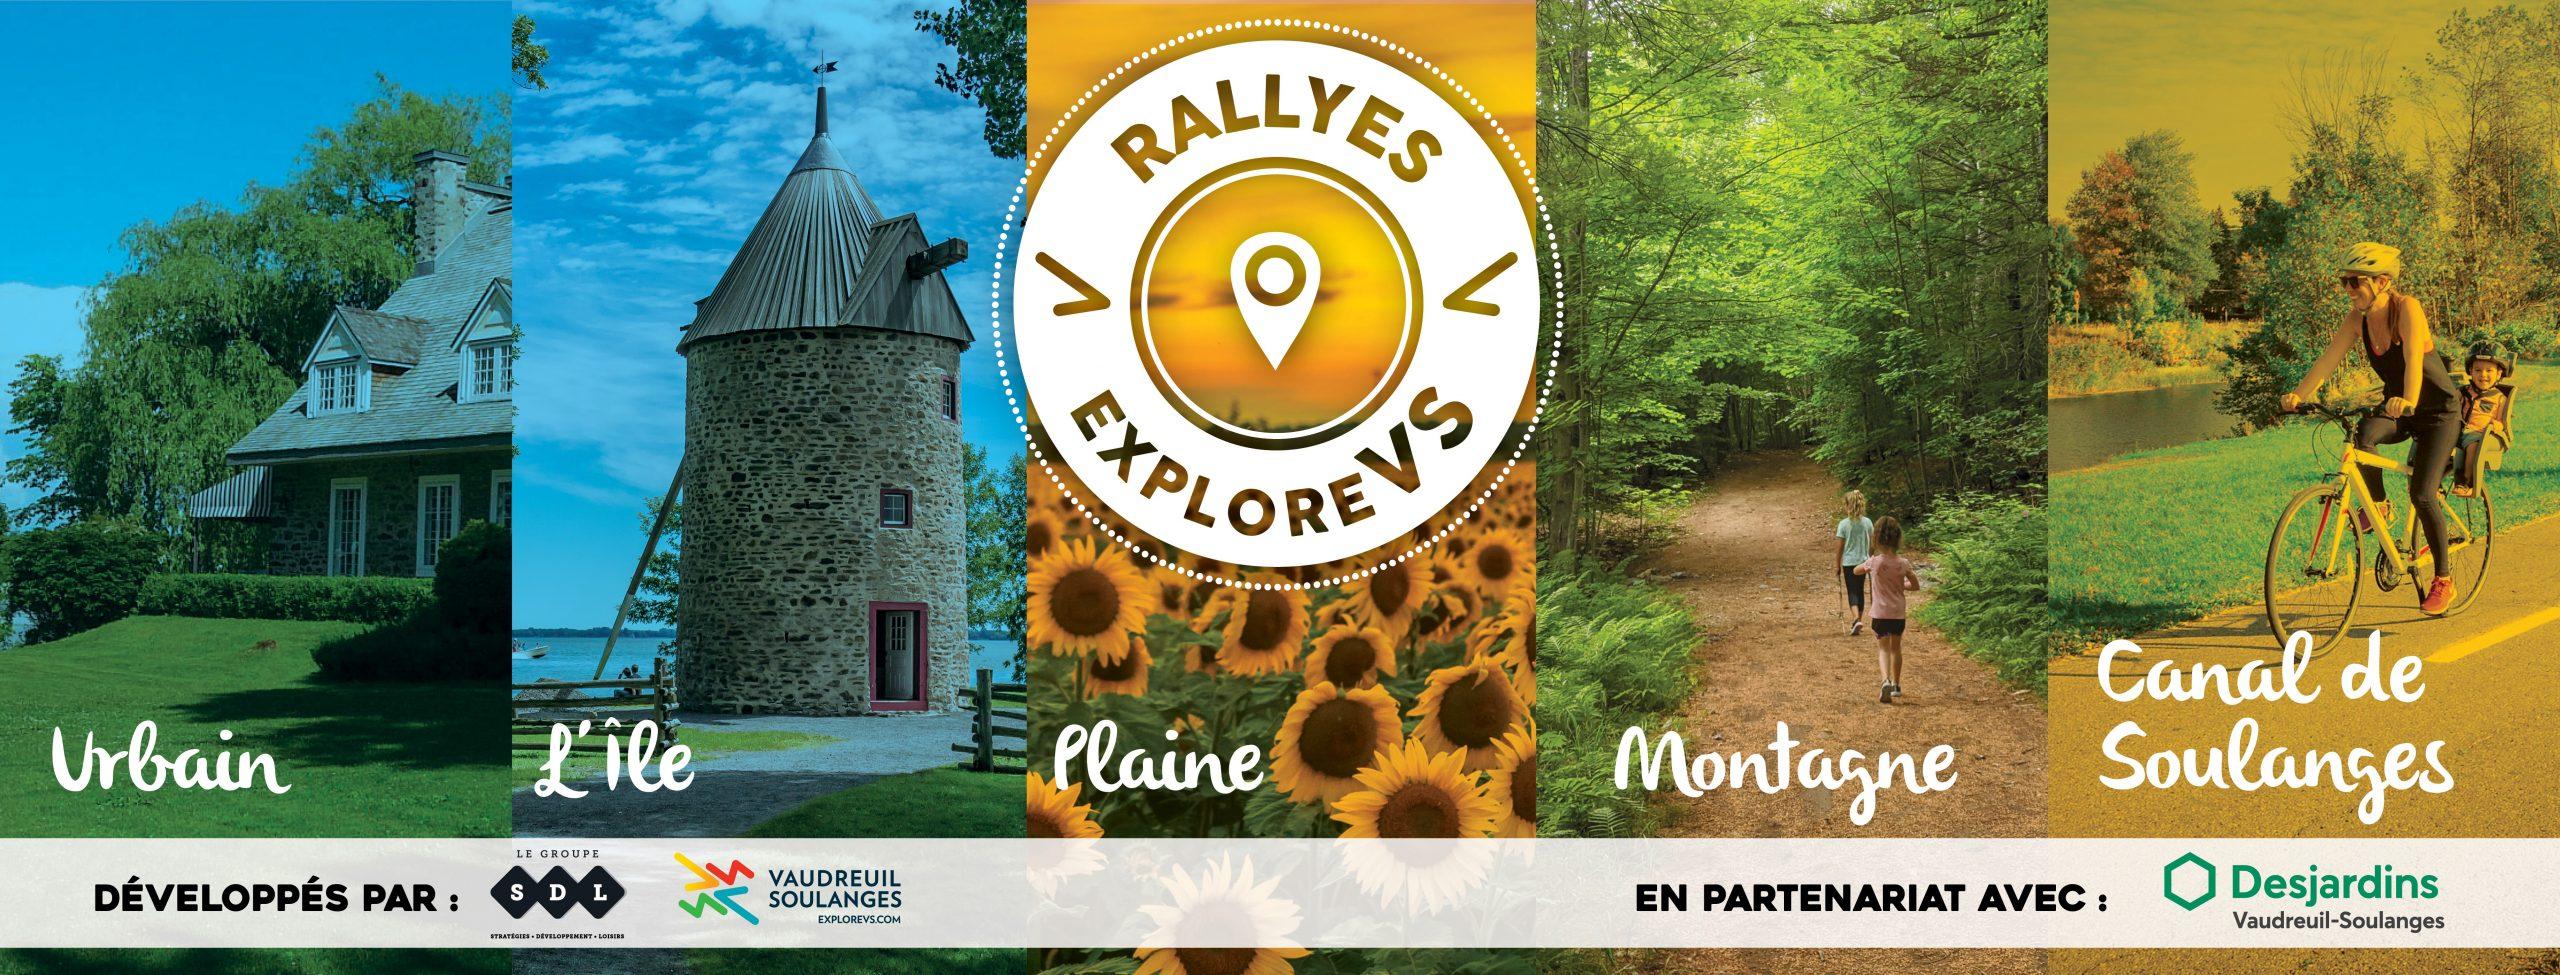 Les Rallyes ExploreVS de l'été 2020